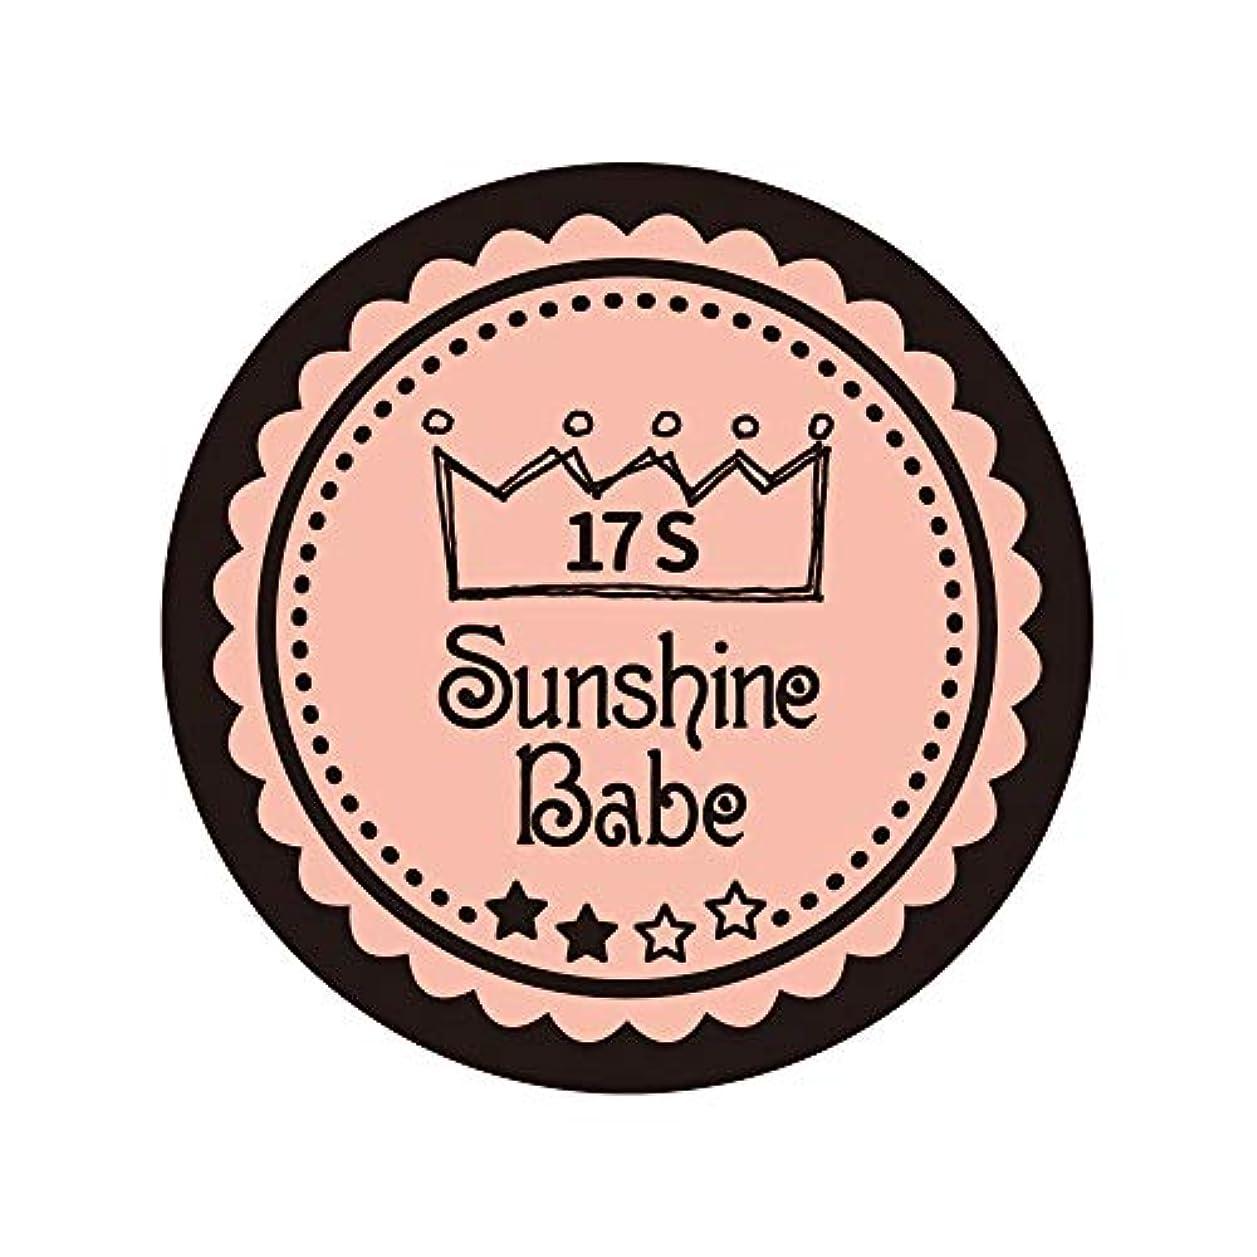 アルコーブおなかがすいた本会議Sunshine Babe カラージェル 17S ヌーディローズ 2.7g UV/LED対応